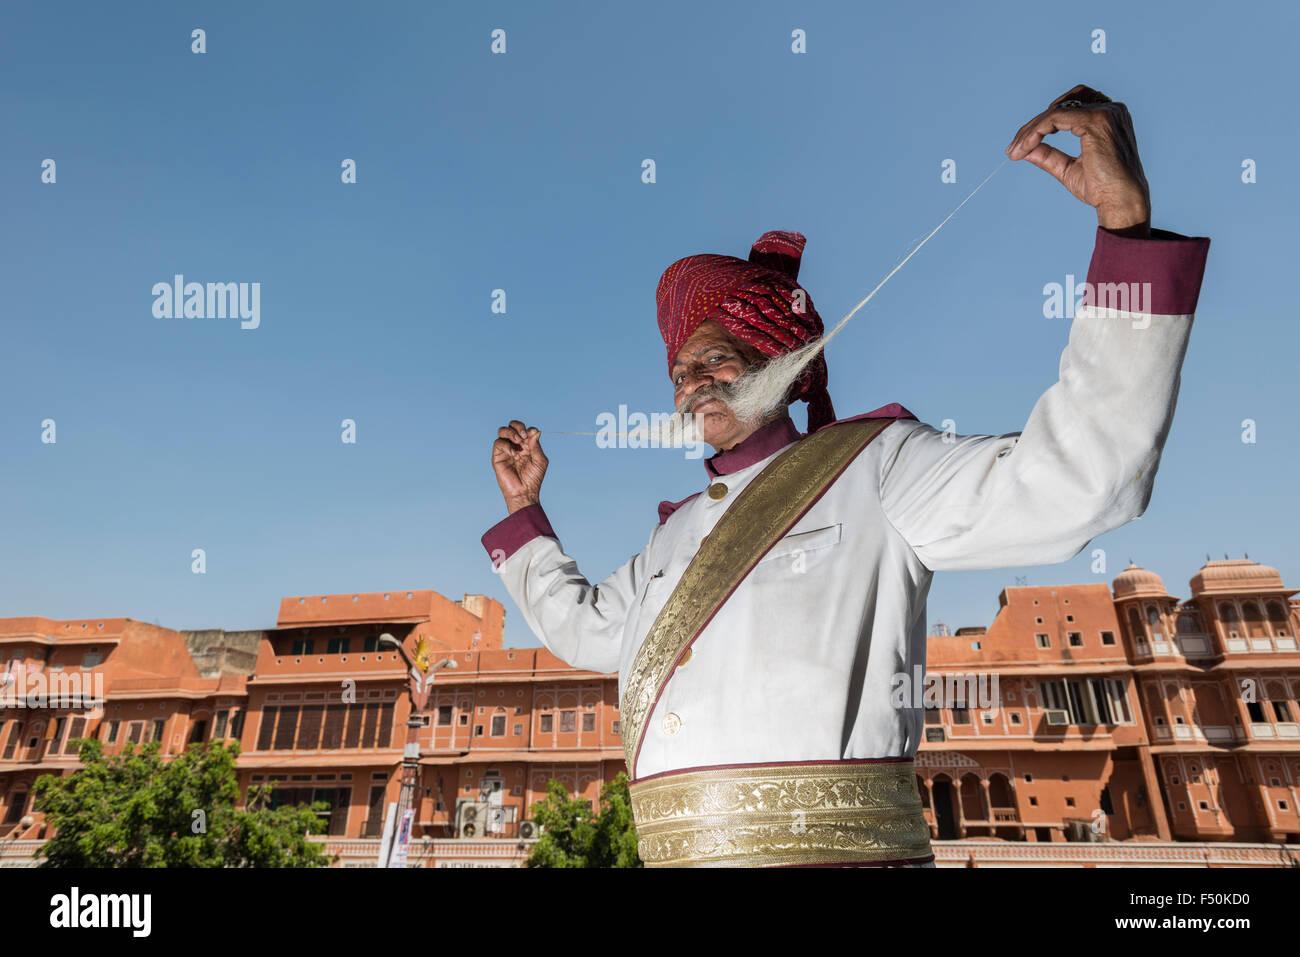 Un uomo anziano, rajput, è fiera di presentare il suo più di un metro lungo i baffi in una piccola strada Immagini Stock